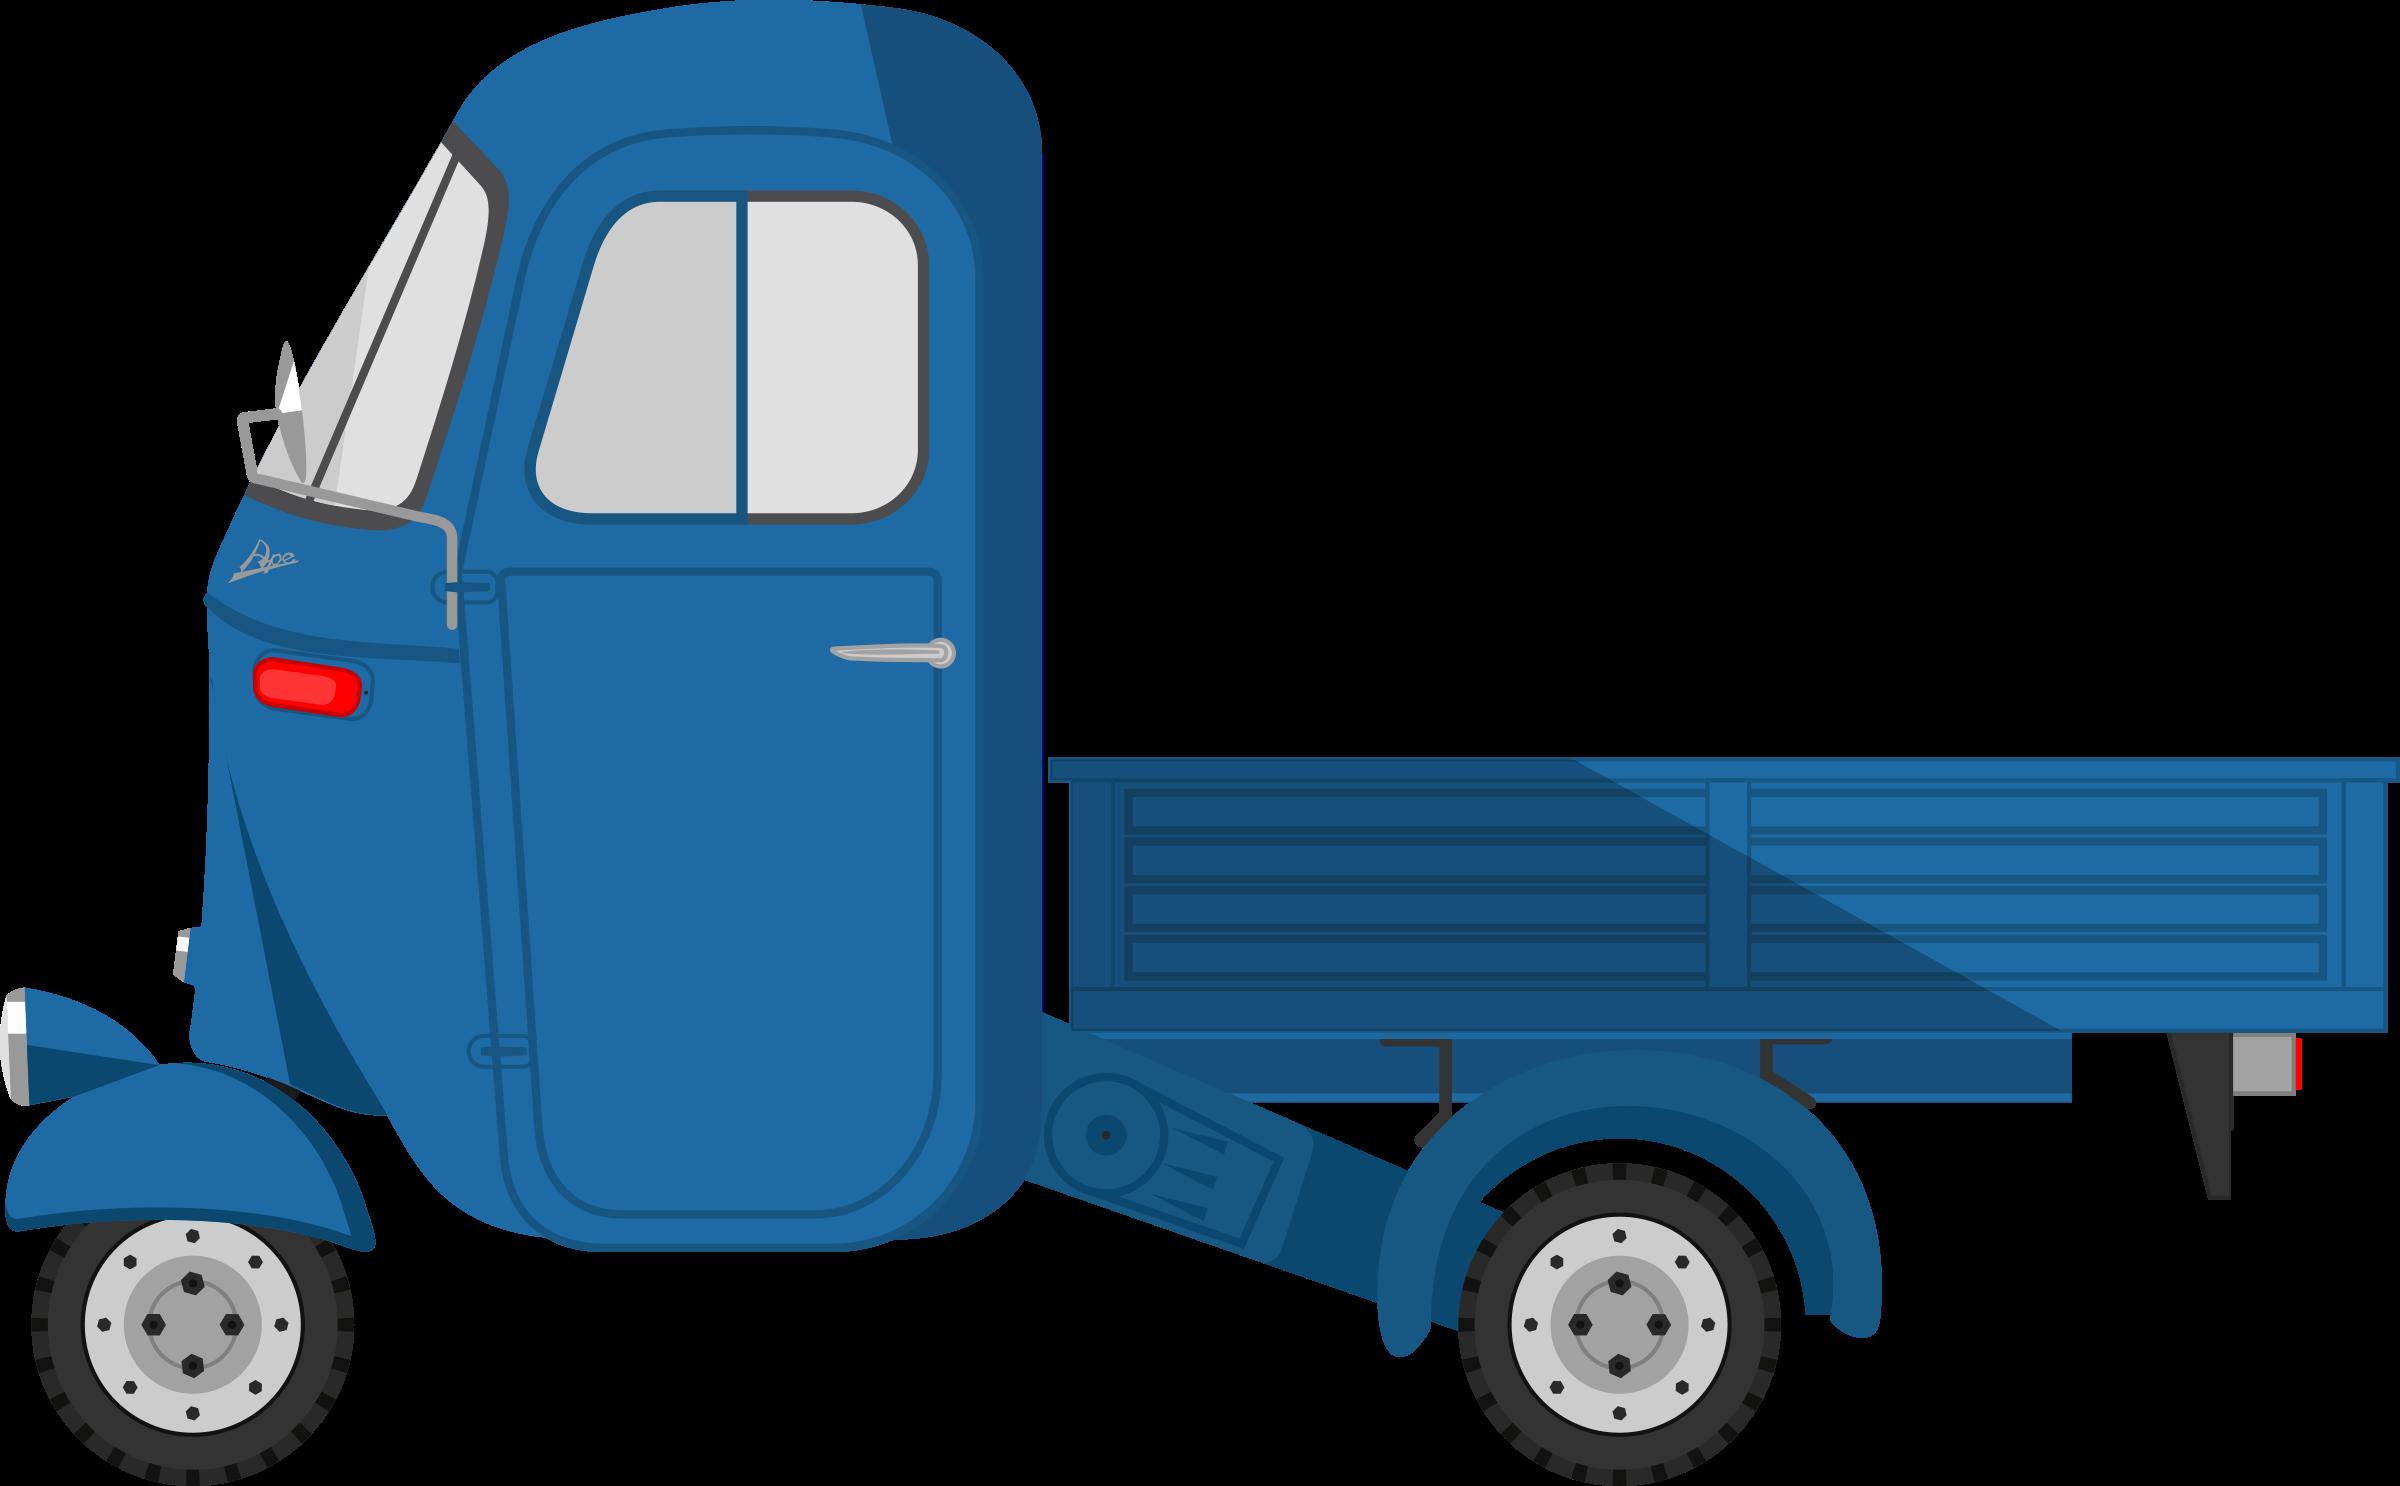 Piaggio ape car png. Clipart cars blue